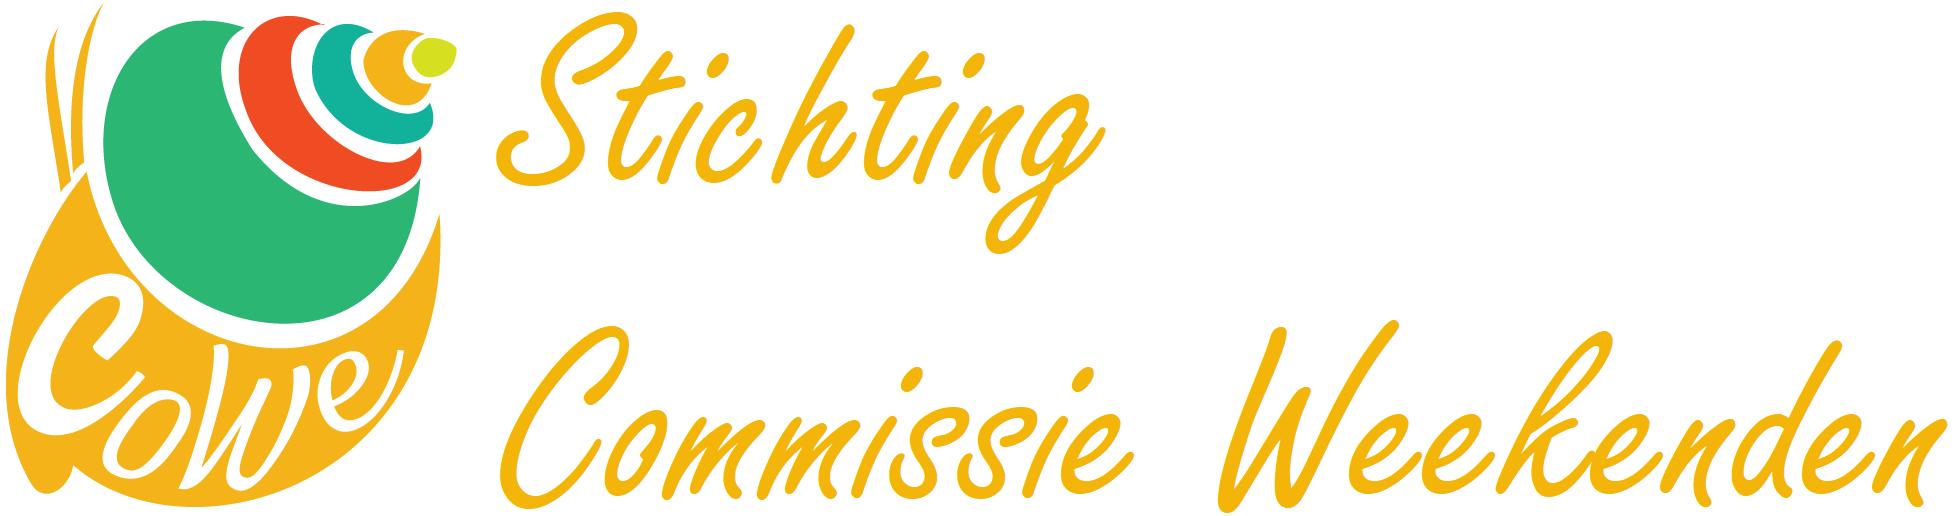 Stichting Commissie Weekenden